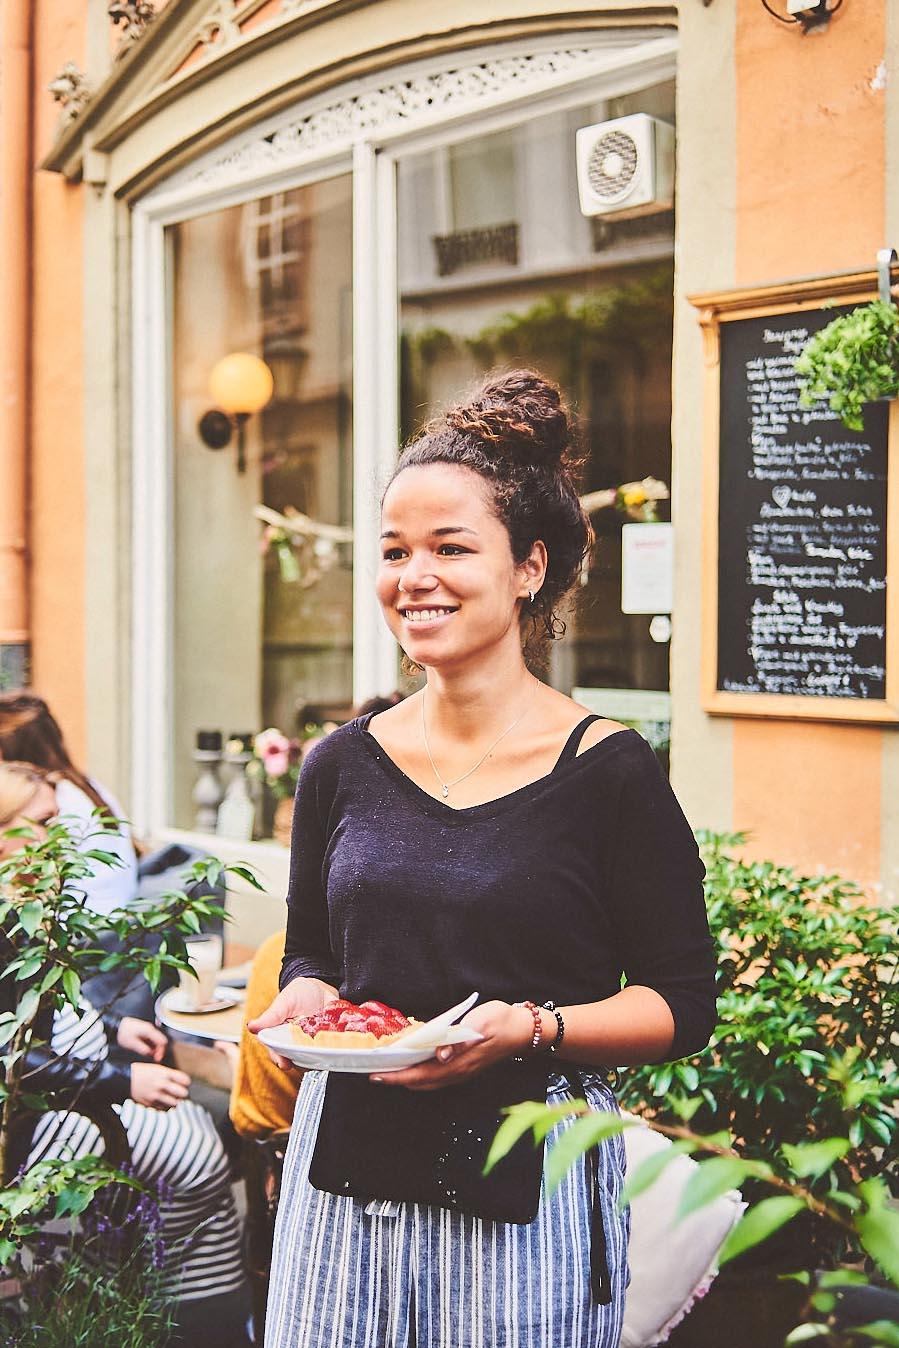 Portraitfoto Kellnerin im Cafe Pfefferminzje in Koblenz it Erdbeer-Törtchen - Porträt-Fotografie von Anna Schneider neon fotografie